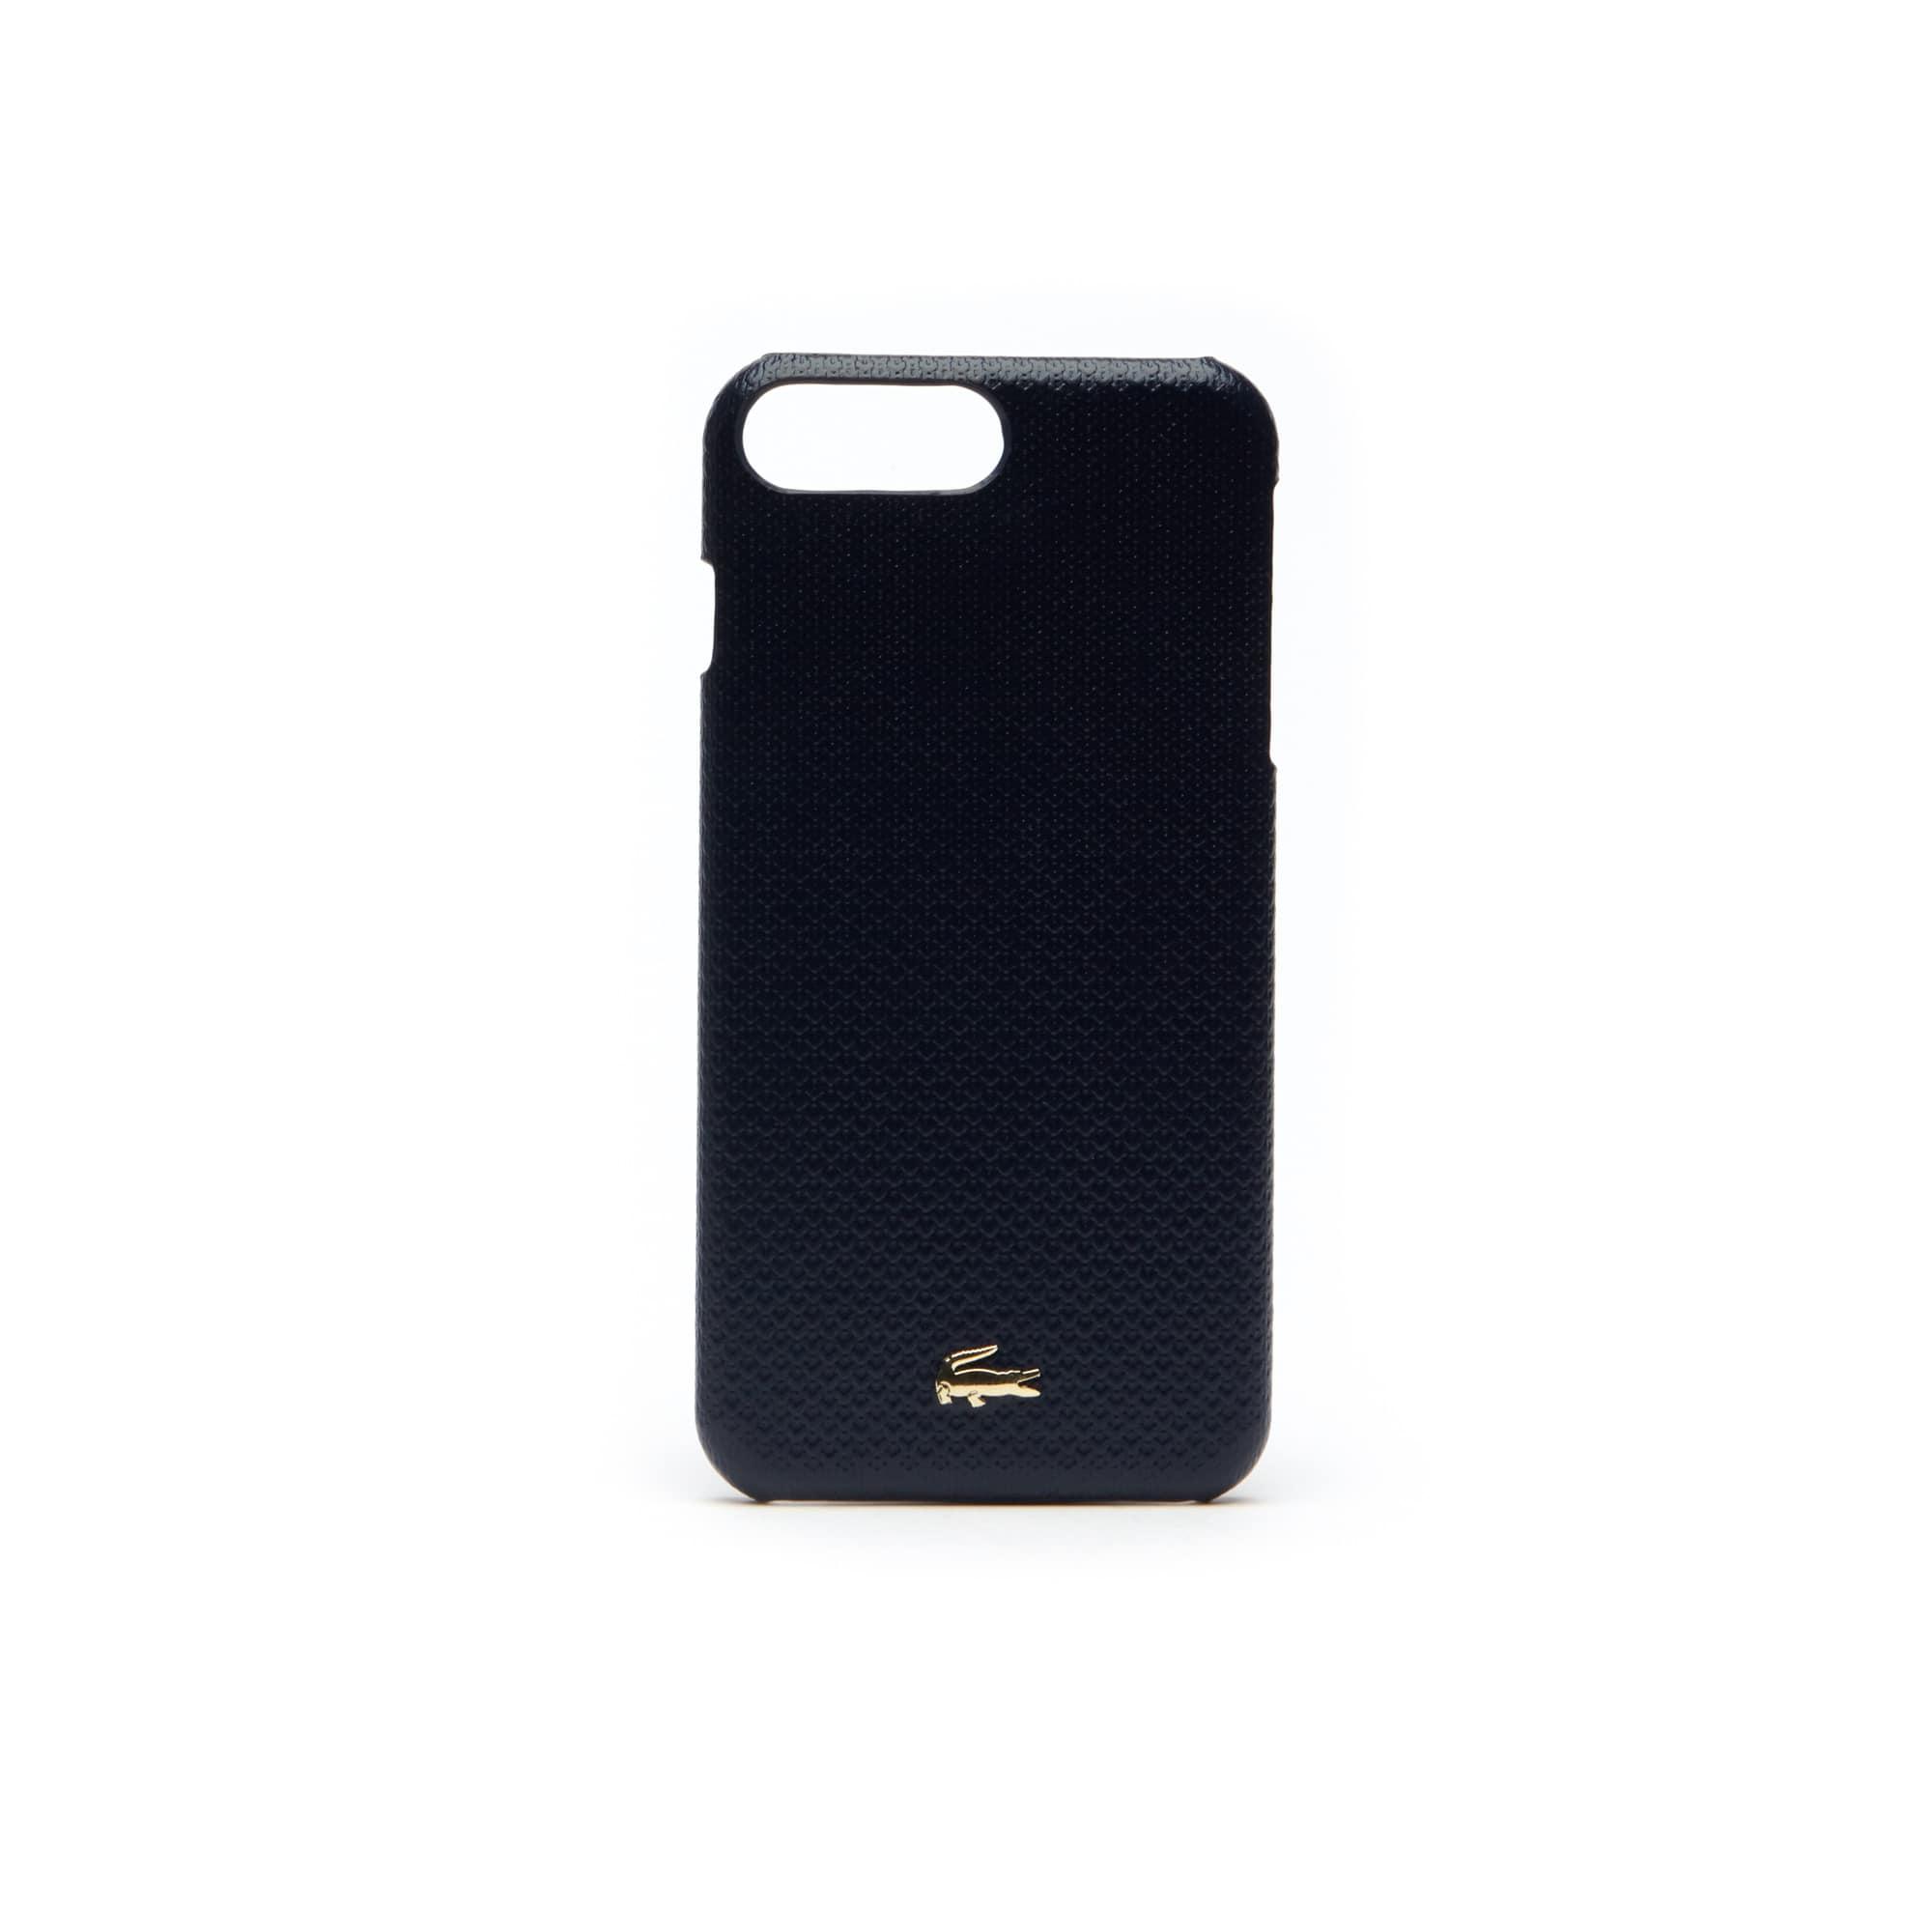 Coque iPhone 8+ Chantaco en cuir piqué uni